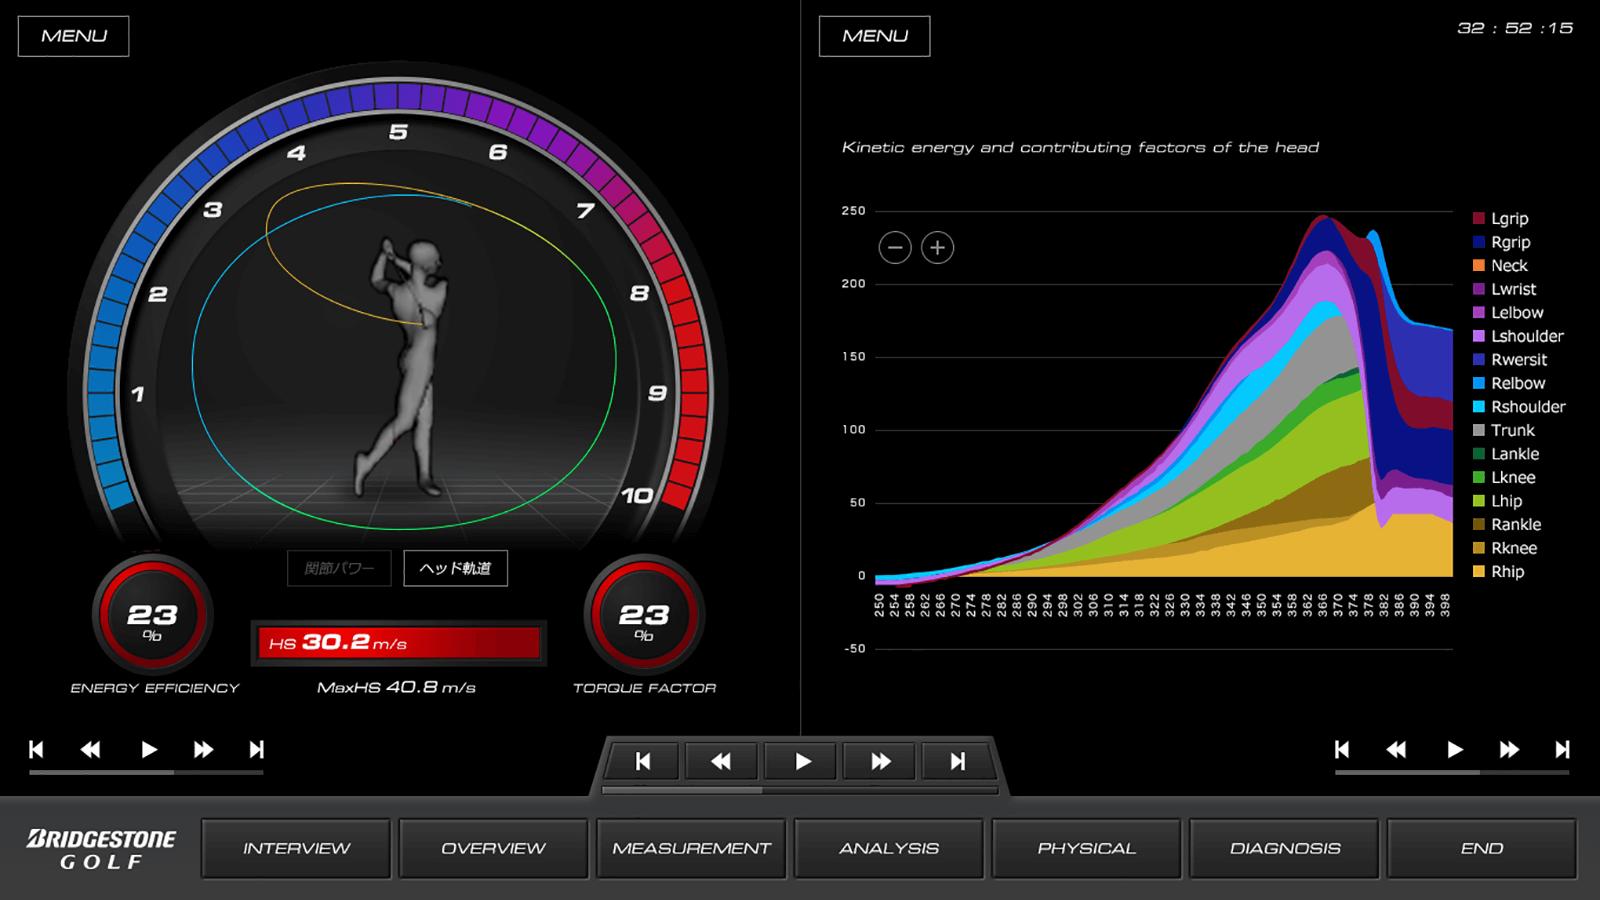 ブリヂストンスポーツ「TOURB」Personal Method UI